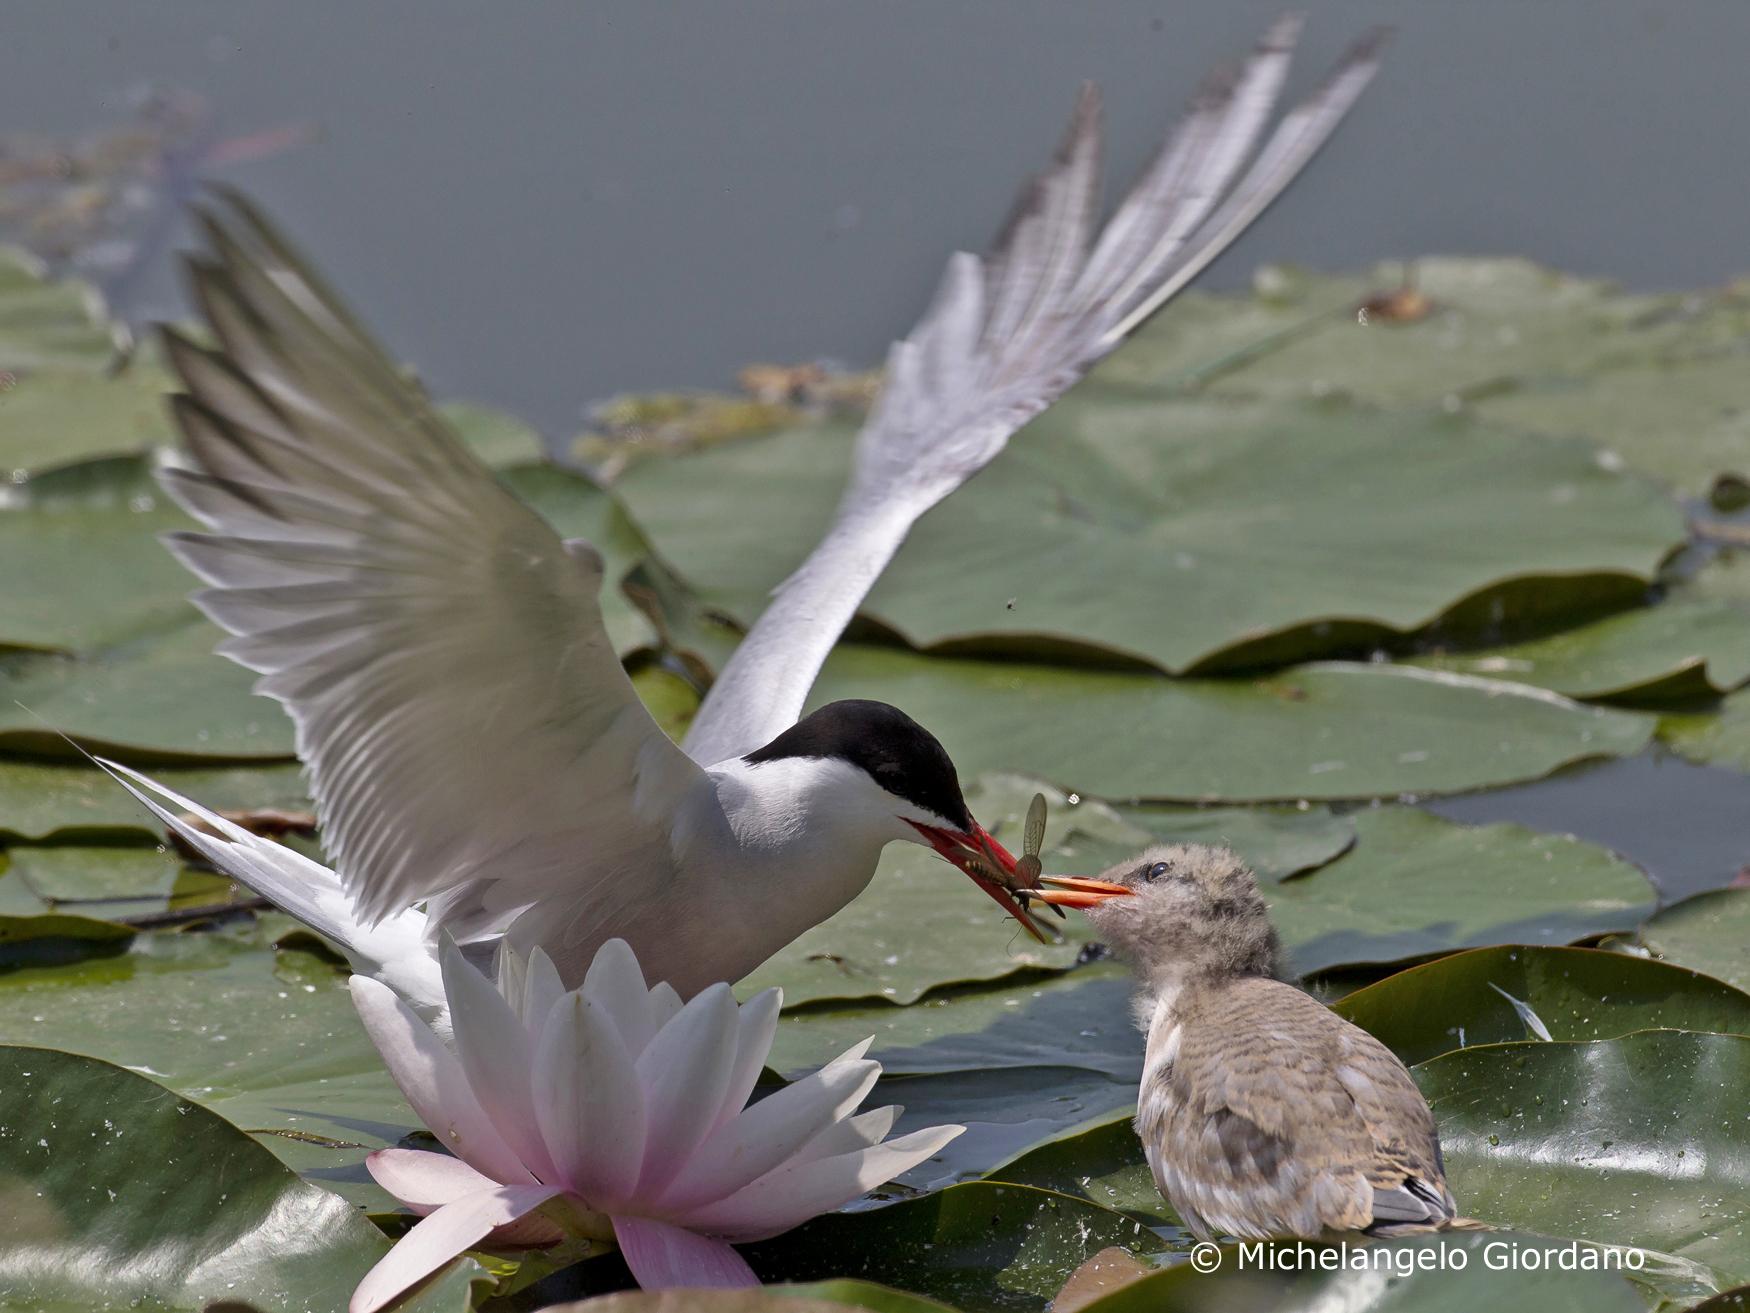 La Guida - Gli uccelli delle zone umide